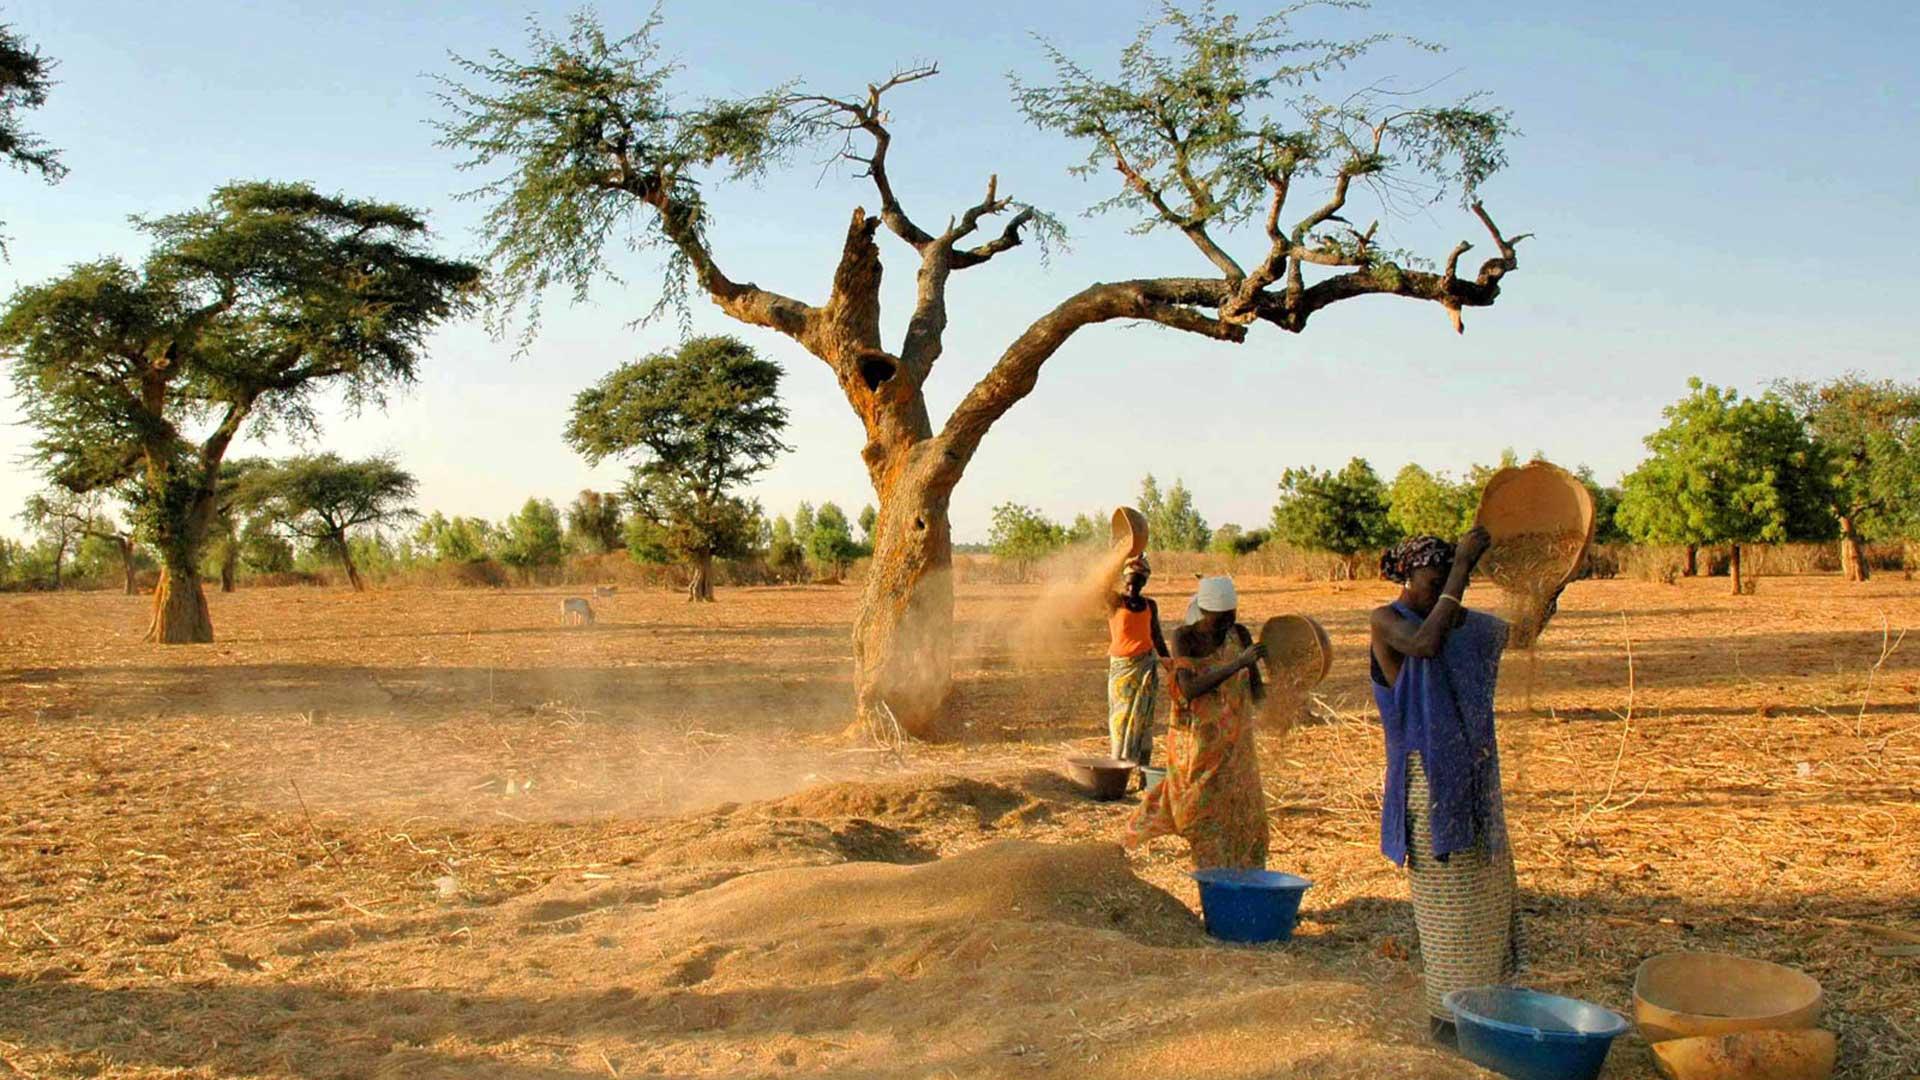 En cours de route, à l'intérieur des terres, rencontre des villageois et des troupeaux de zébus avec les bergers peuls.